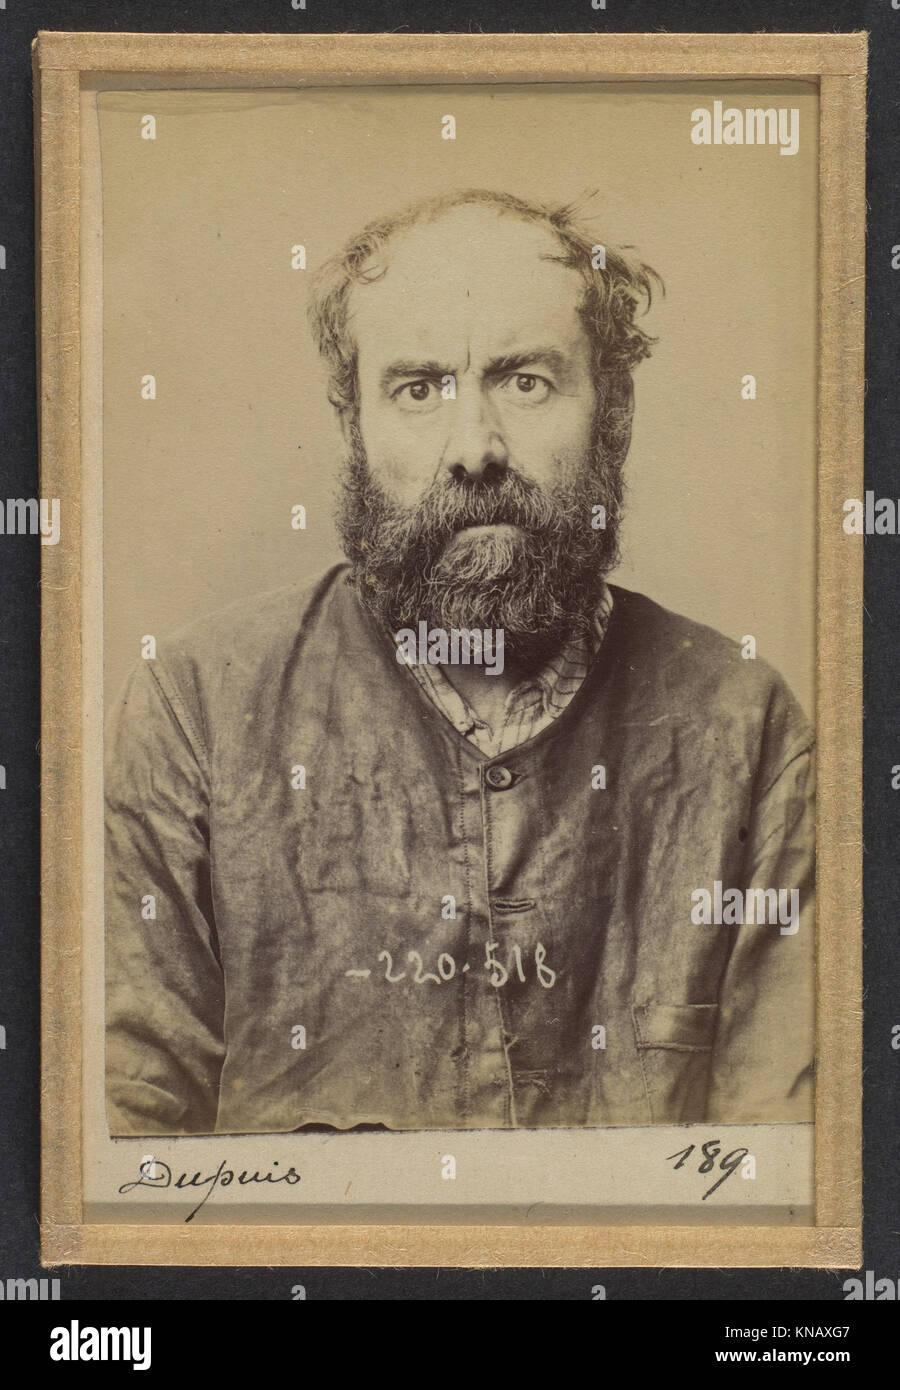 Dupuis. Augustin. 53 ans, né le 24-6-41 à Dourdan (Seine & Oise). Charron, forgeron. Anarchiste. 3-7-94. MET DP289869 Stock Photo